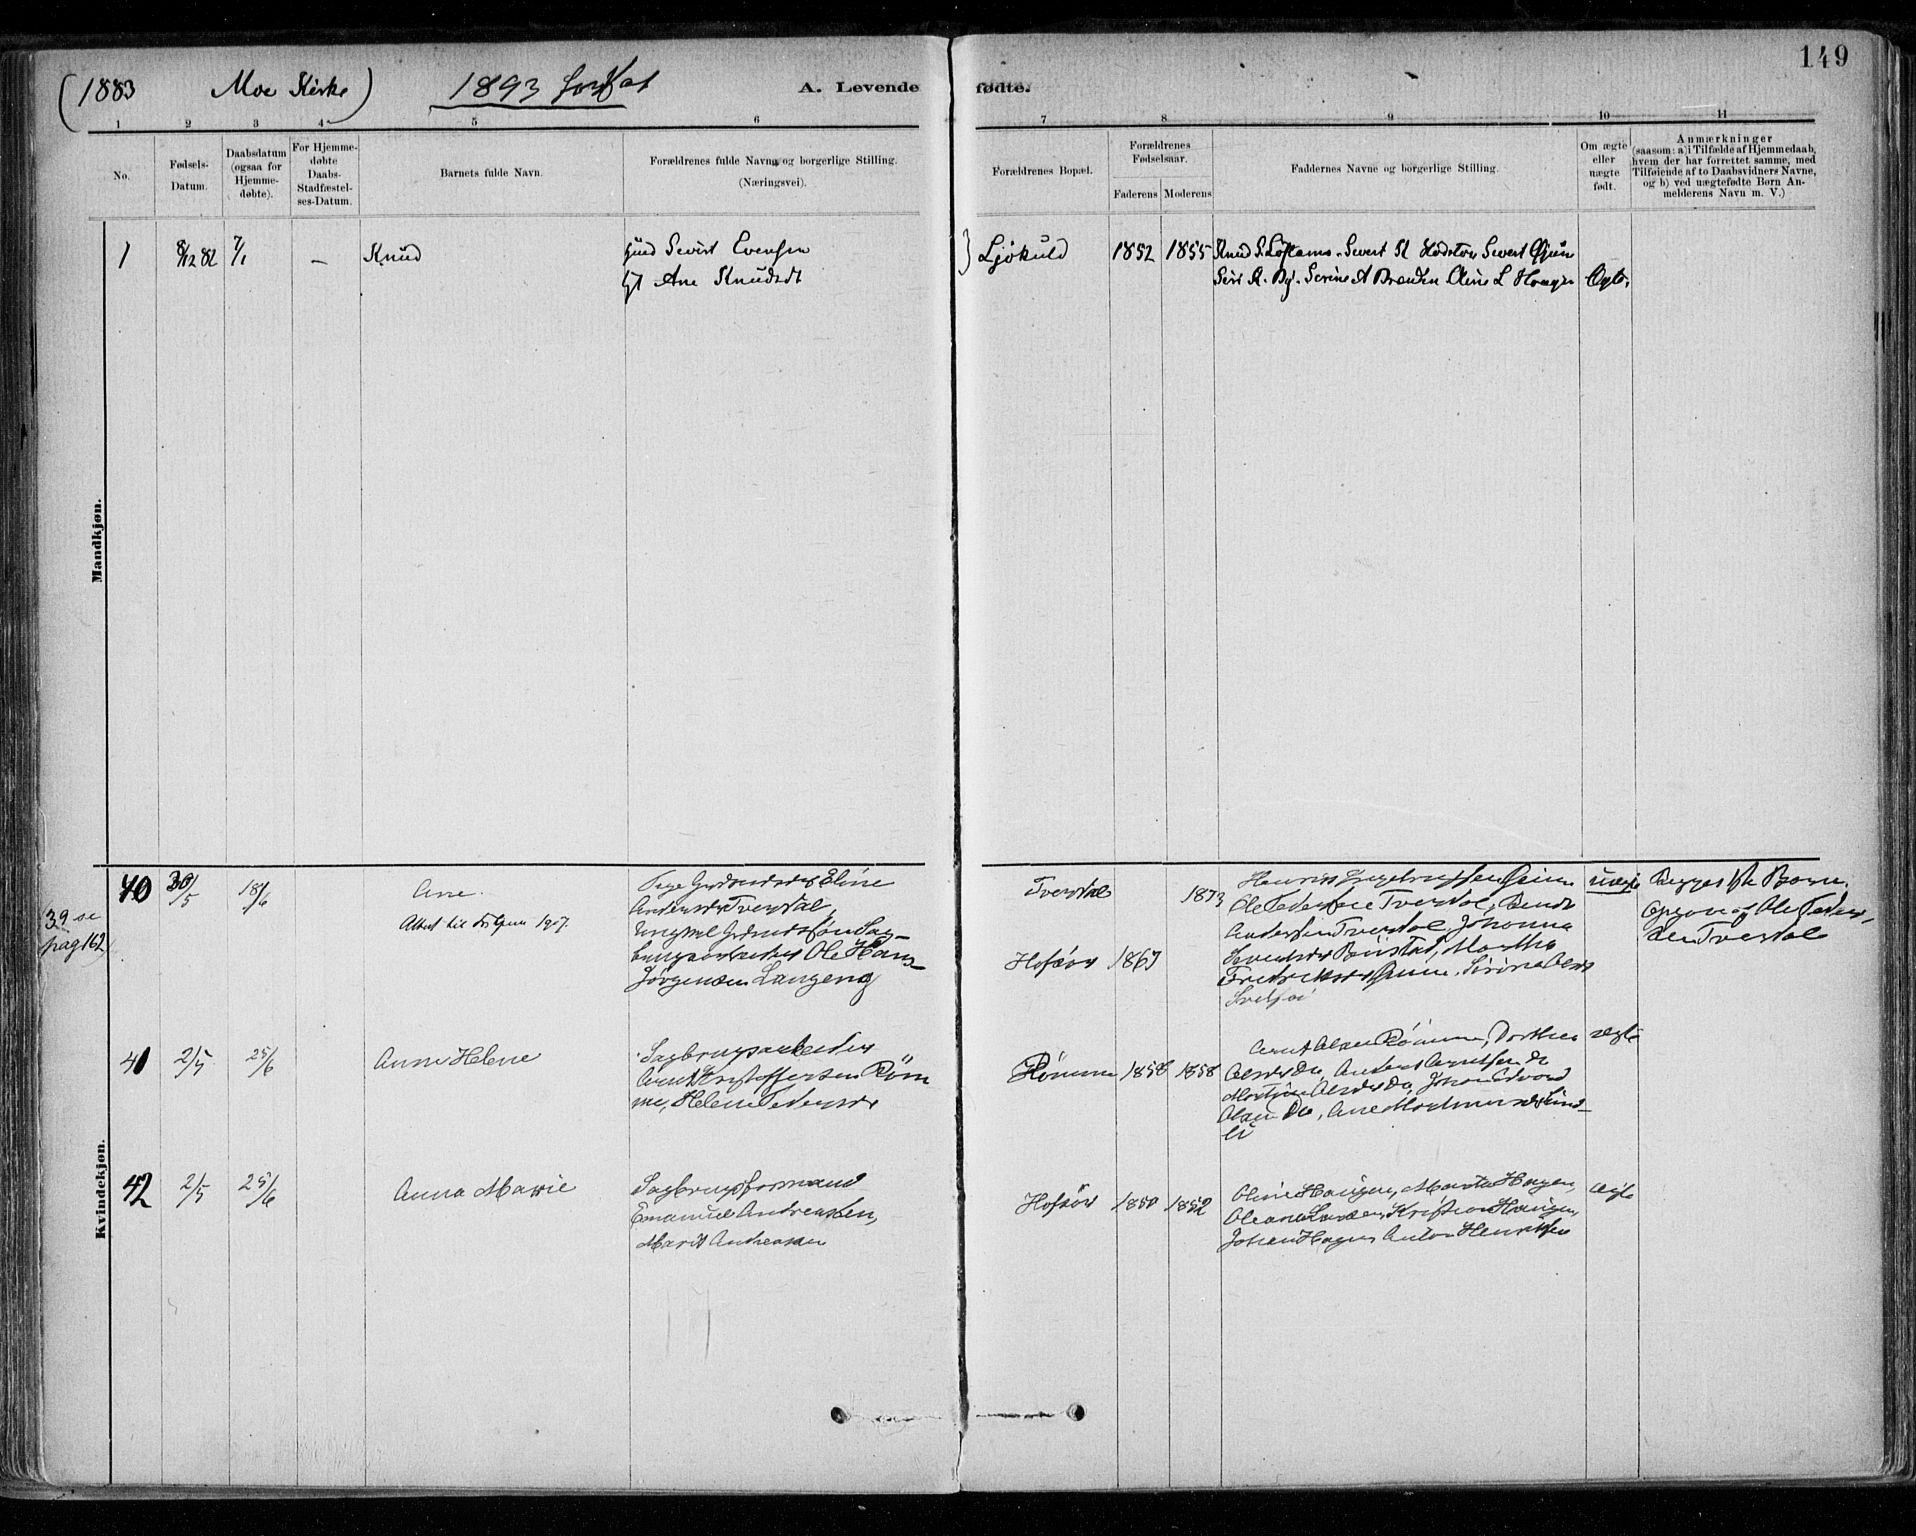 SAT, Ministerialprotokoller, klokkerbøker og fødselsregistre - Sør-Trøndelag, 668/L0809: Ministerialbok nr. 668A09, 1881-1895, s. 149